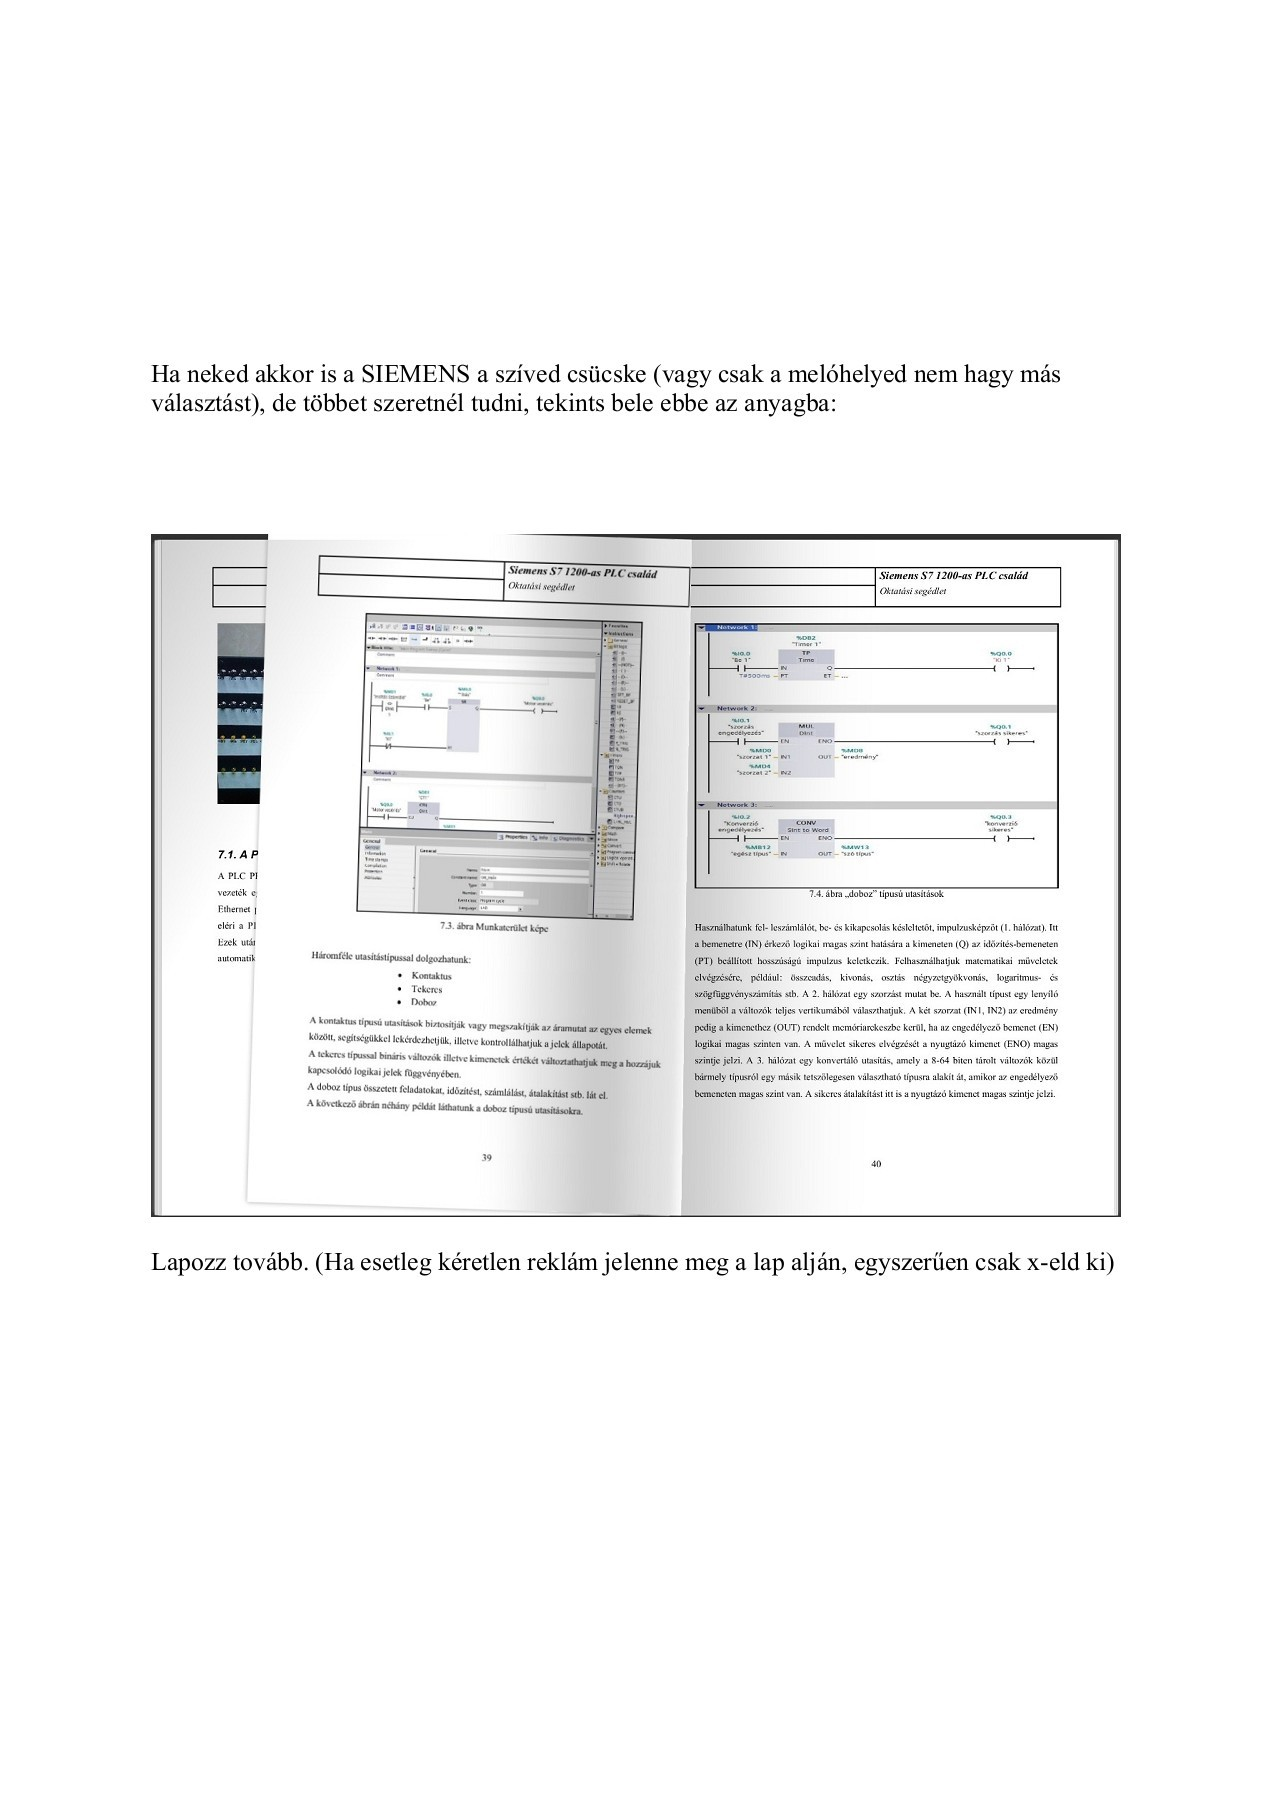 ESMA megtiltani lehetőségeket, és korlátozzák a CFD-k